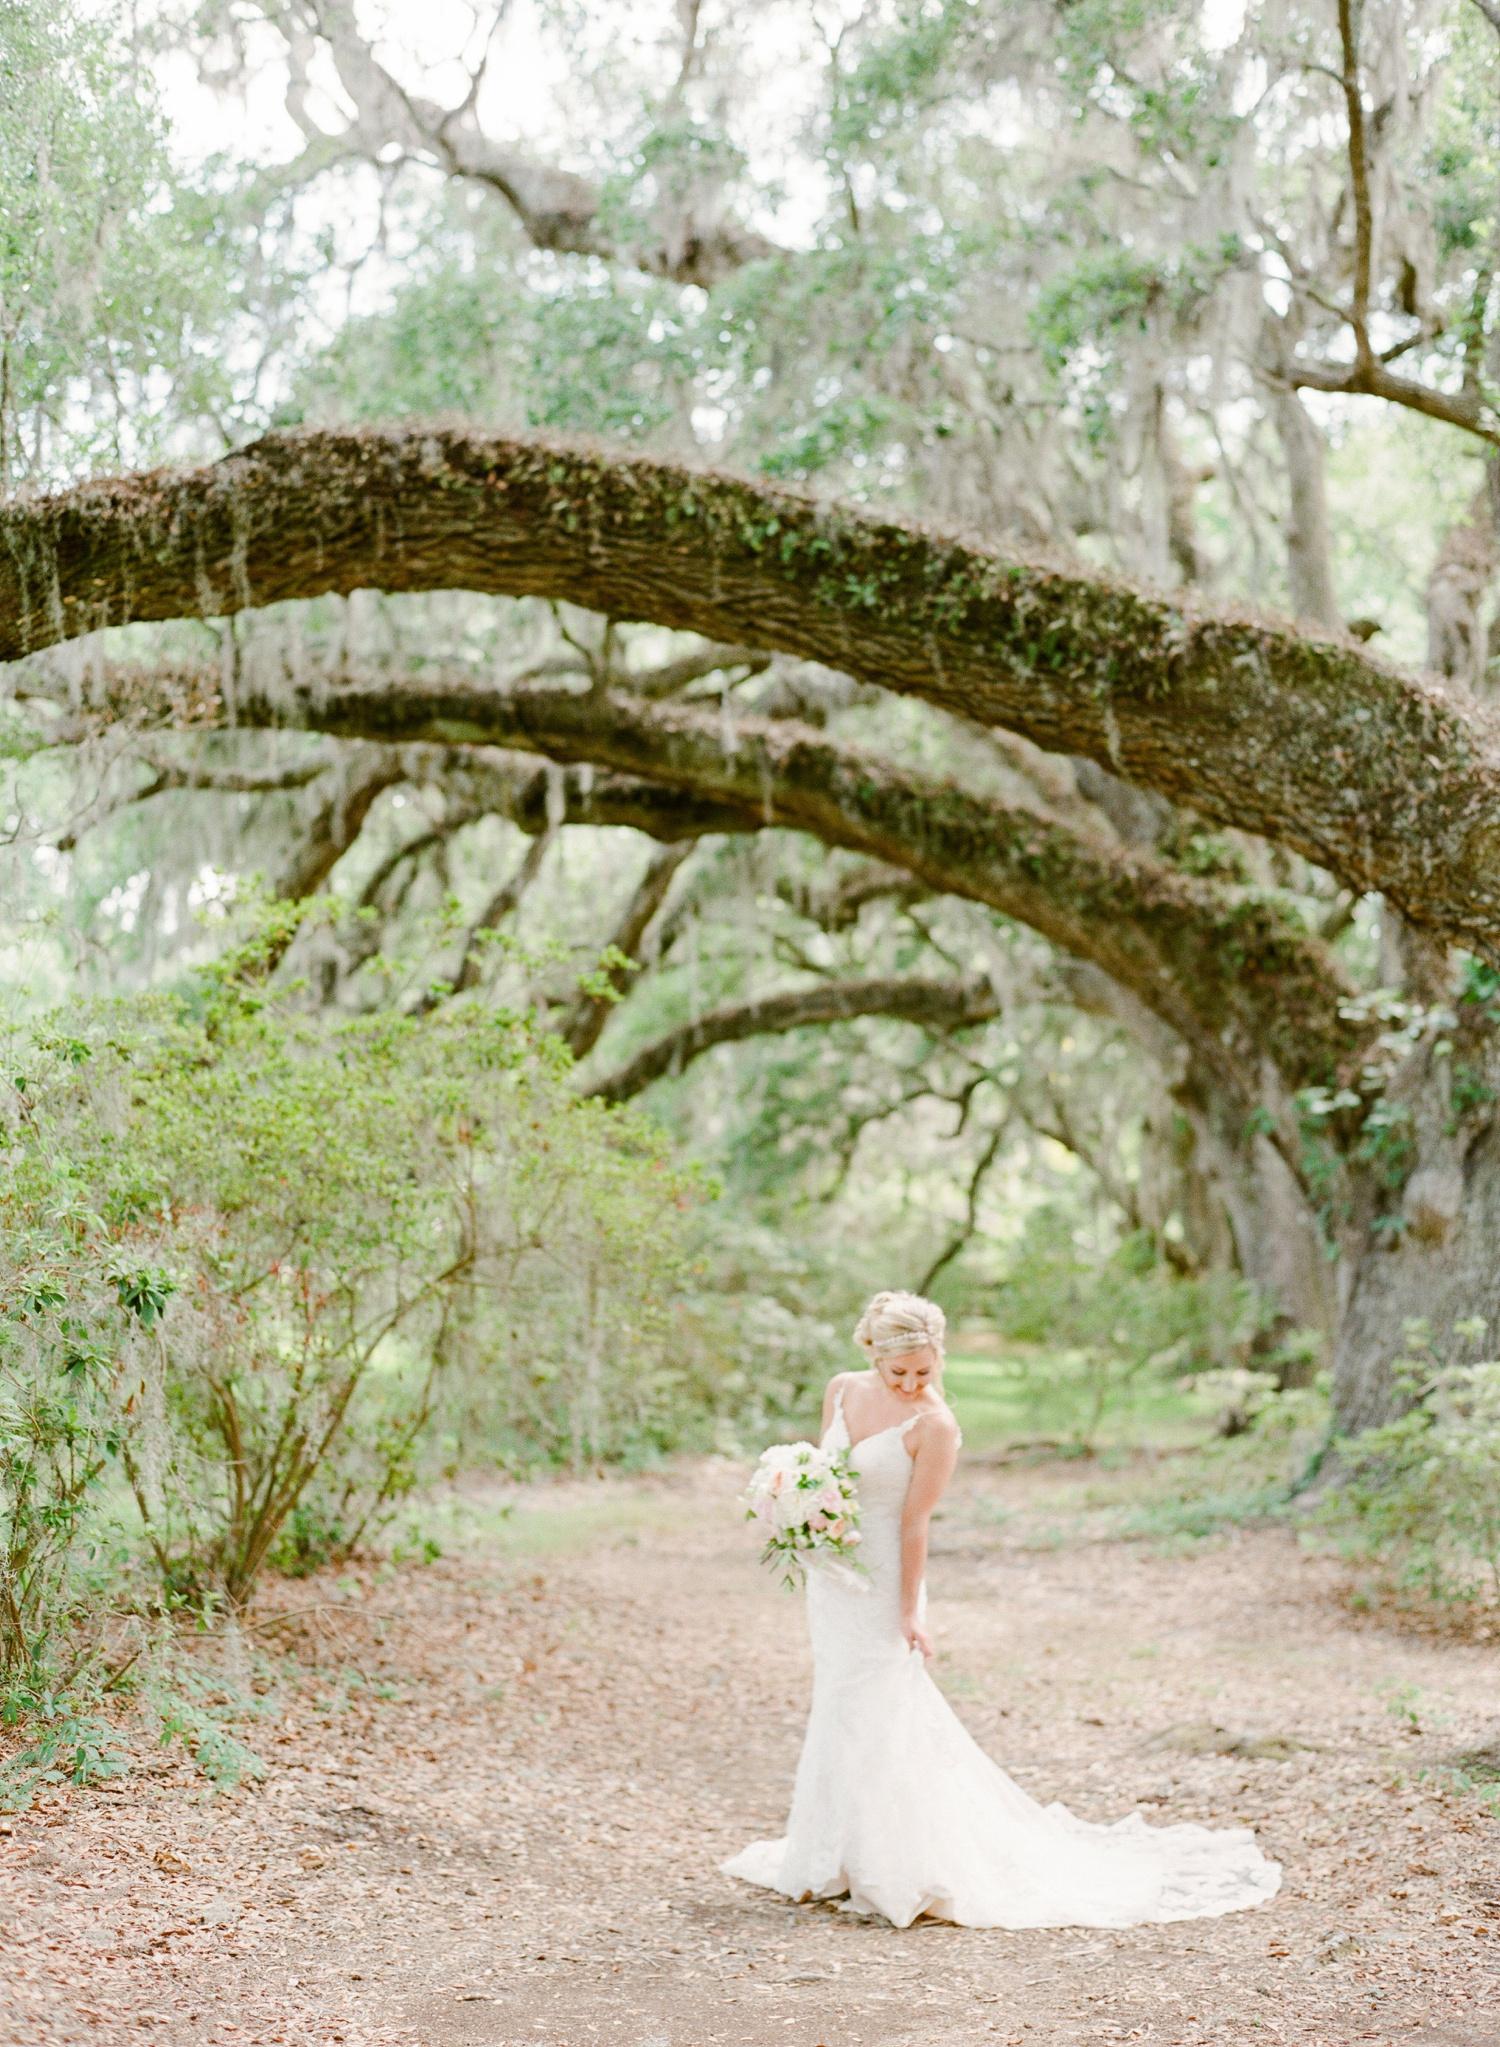 Magnolia-Plantation-Bride-Groom-Photos_0008.jpg